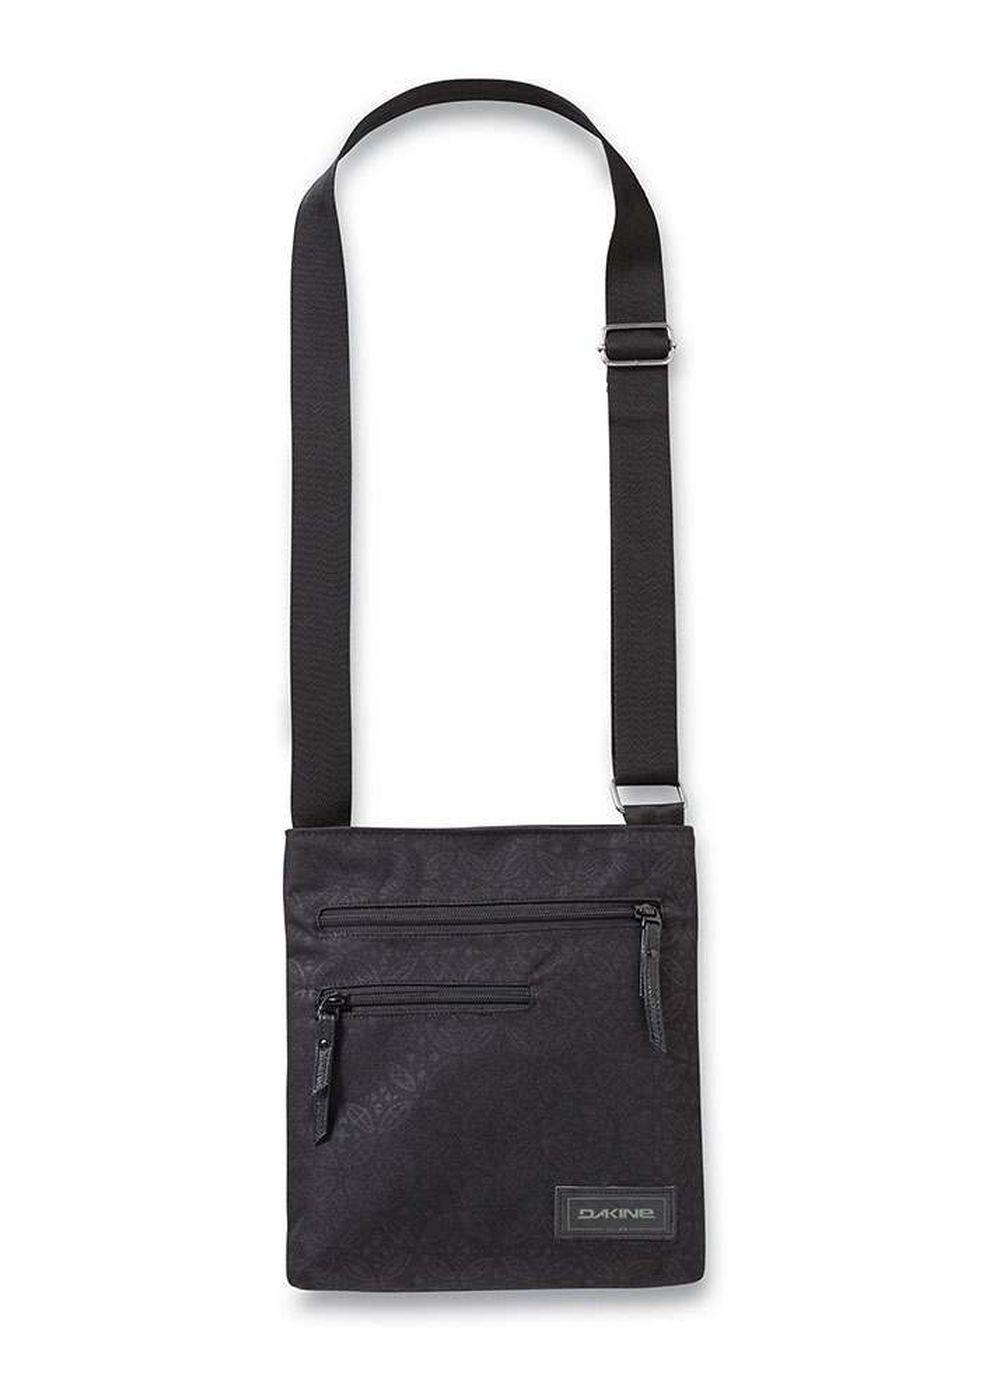 dakine jo jo shoulder bag tory